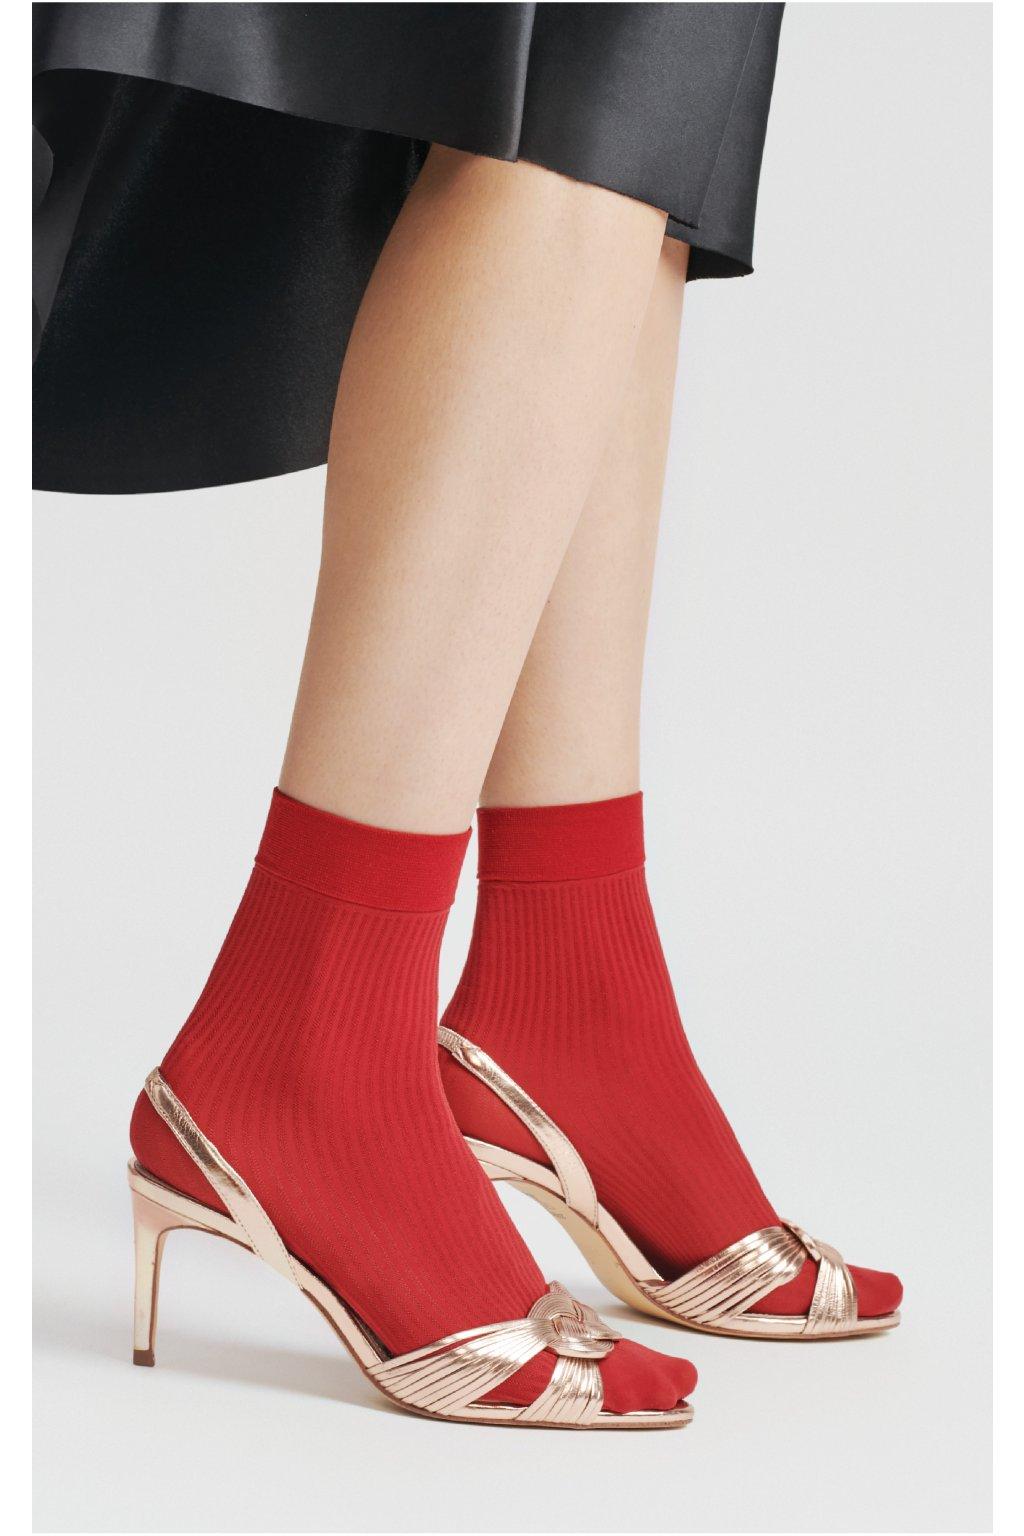 Silonkové ponožky Atena 60den